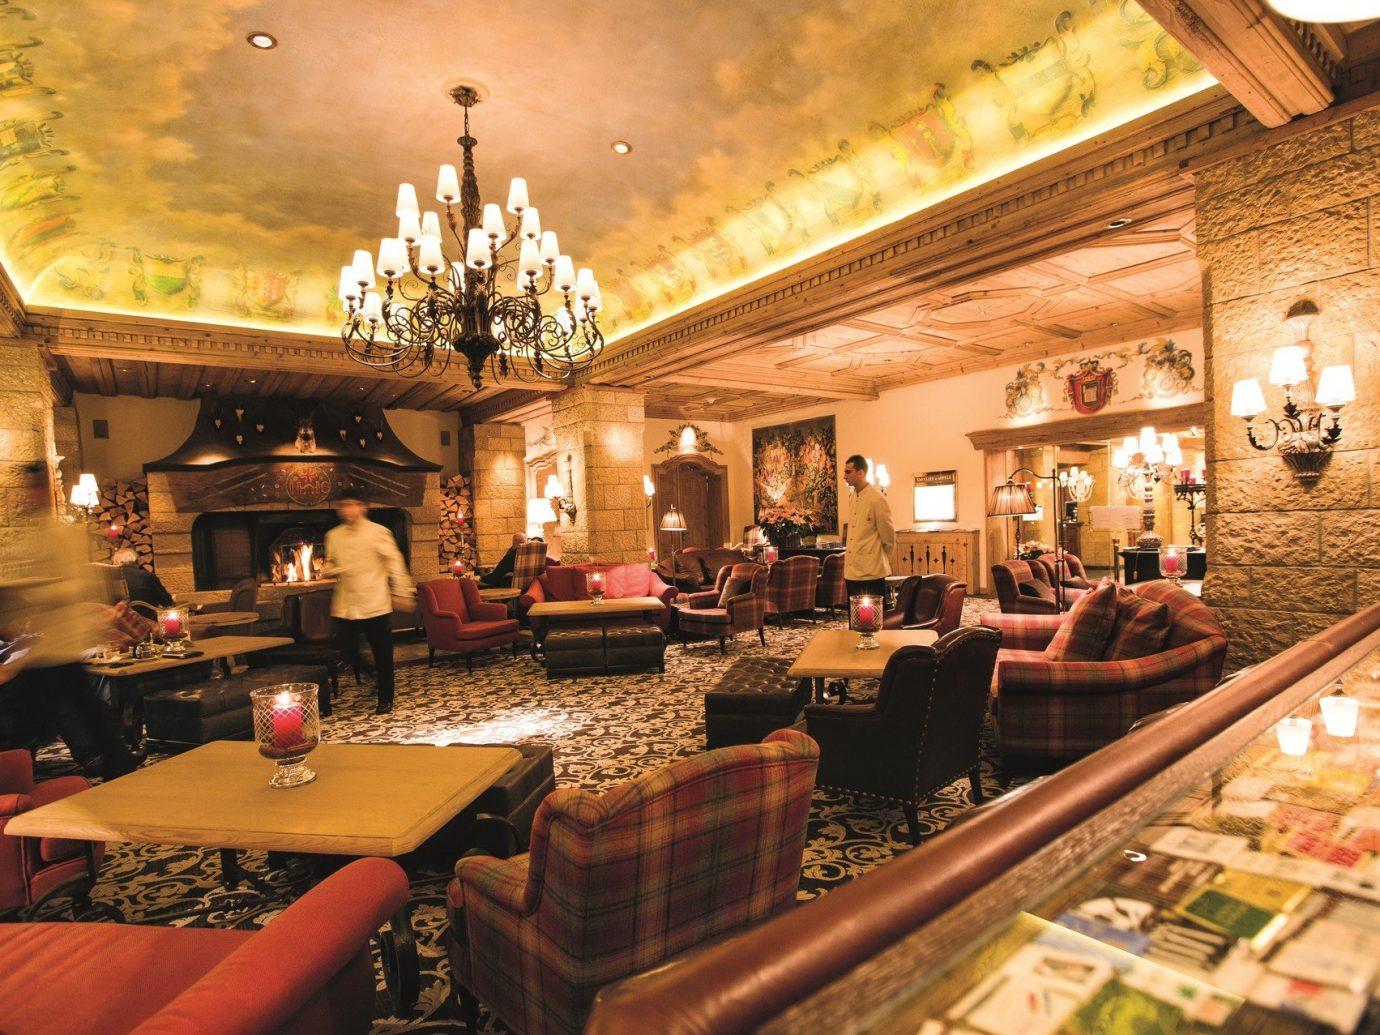 Hotels indoor ceiling room restaurant estate meal Bar area furniture several